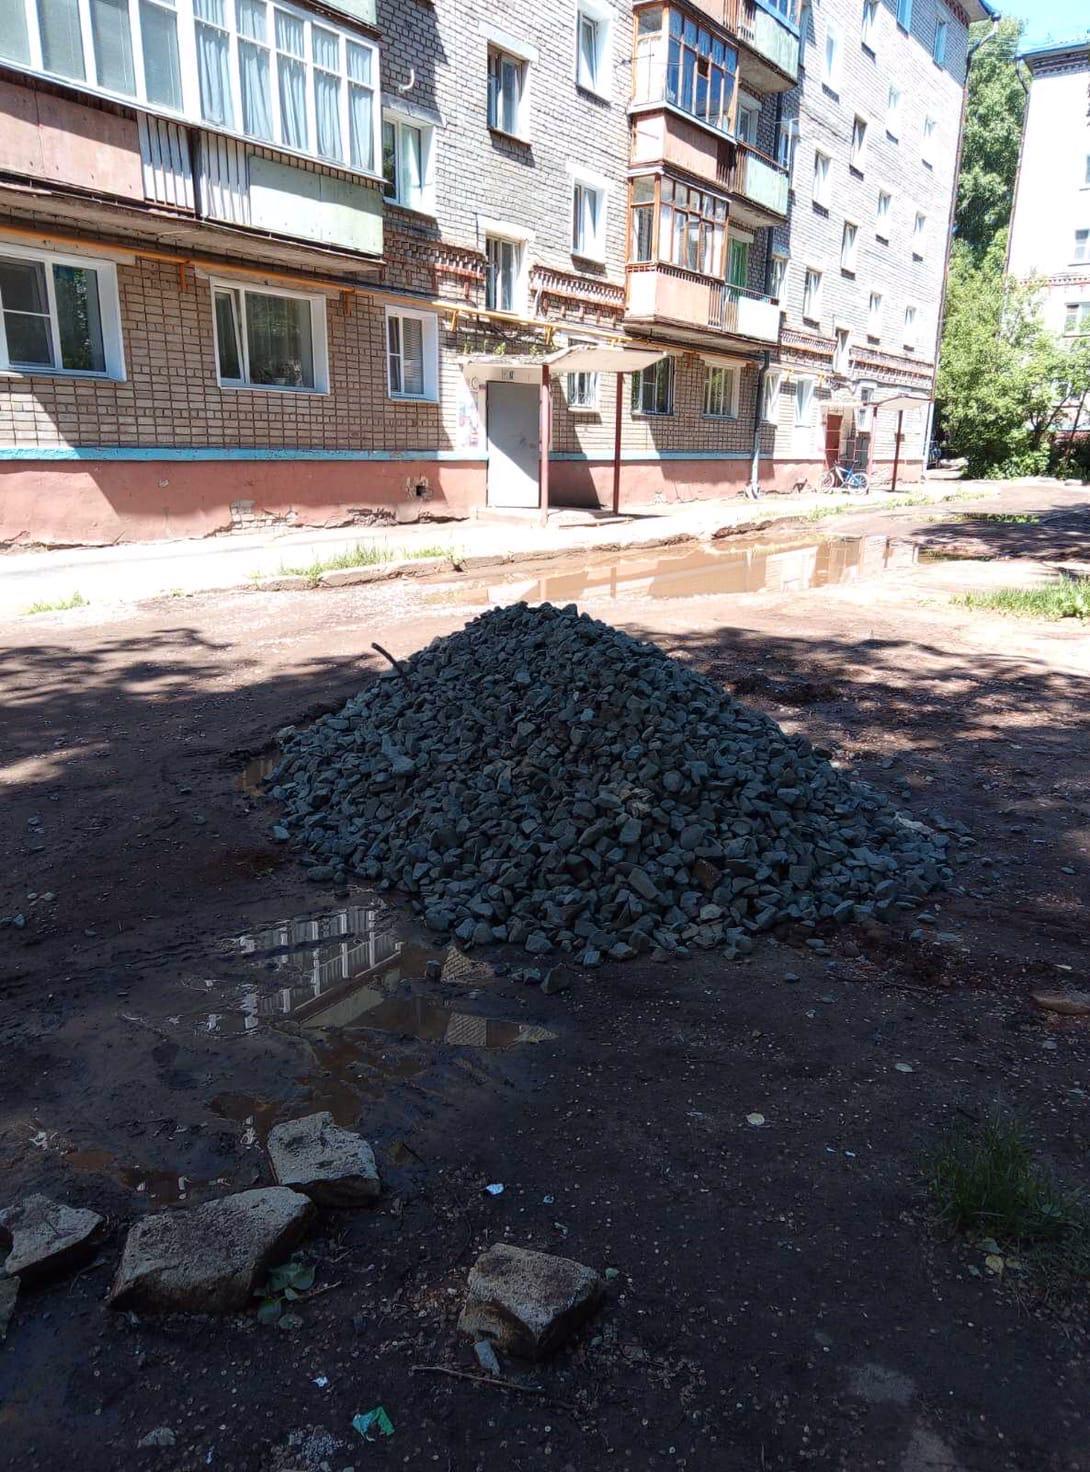 Щебень для благоустройства после раскопок Чернышевского 32